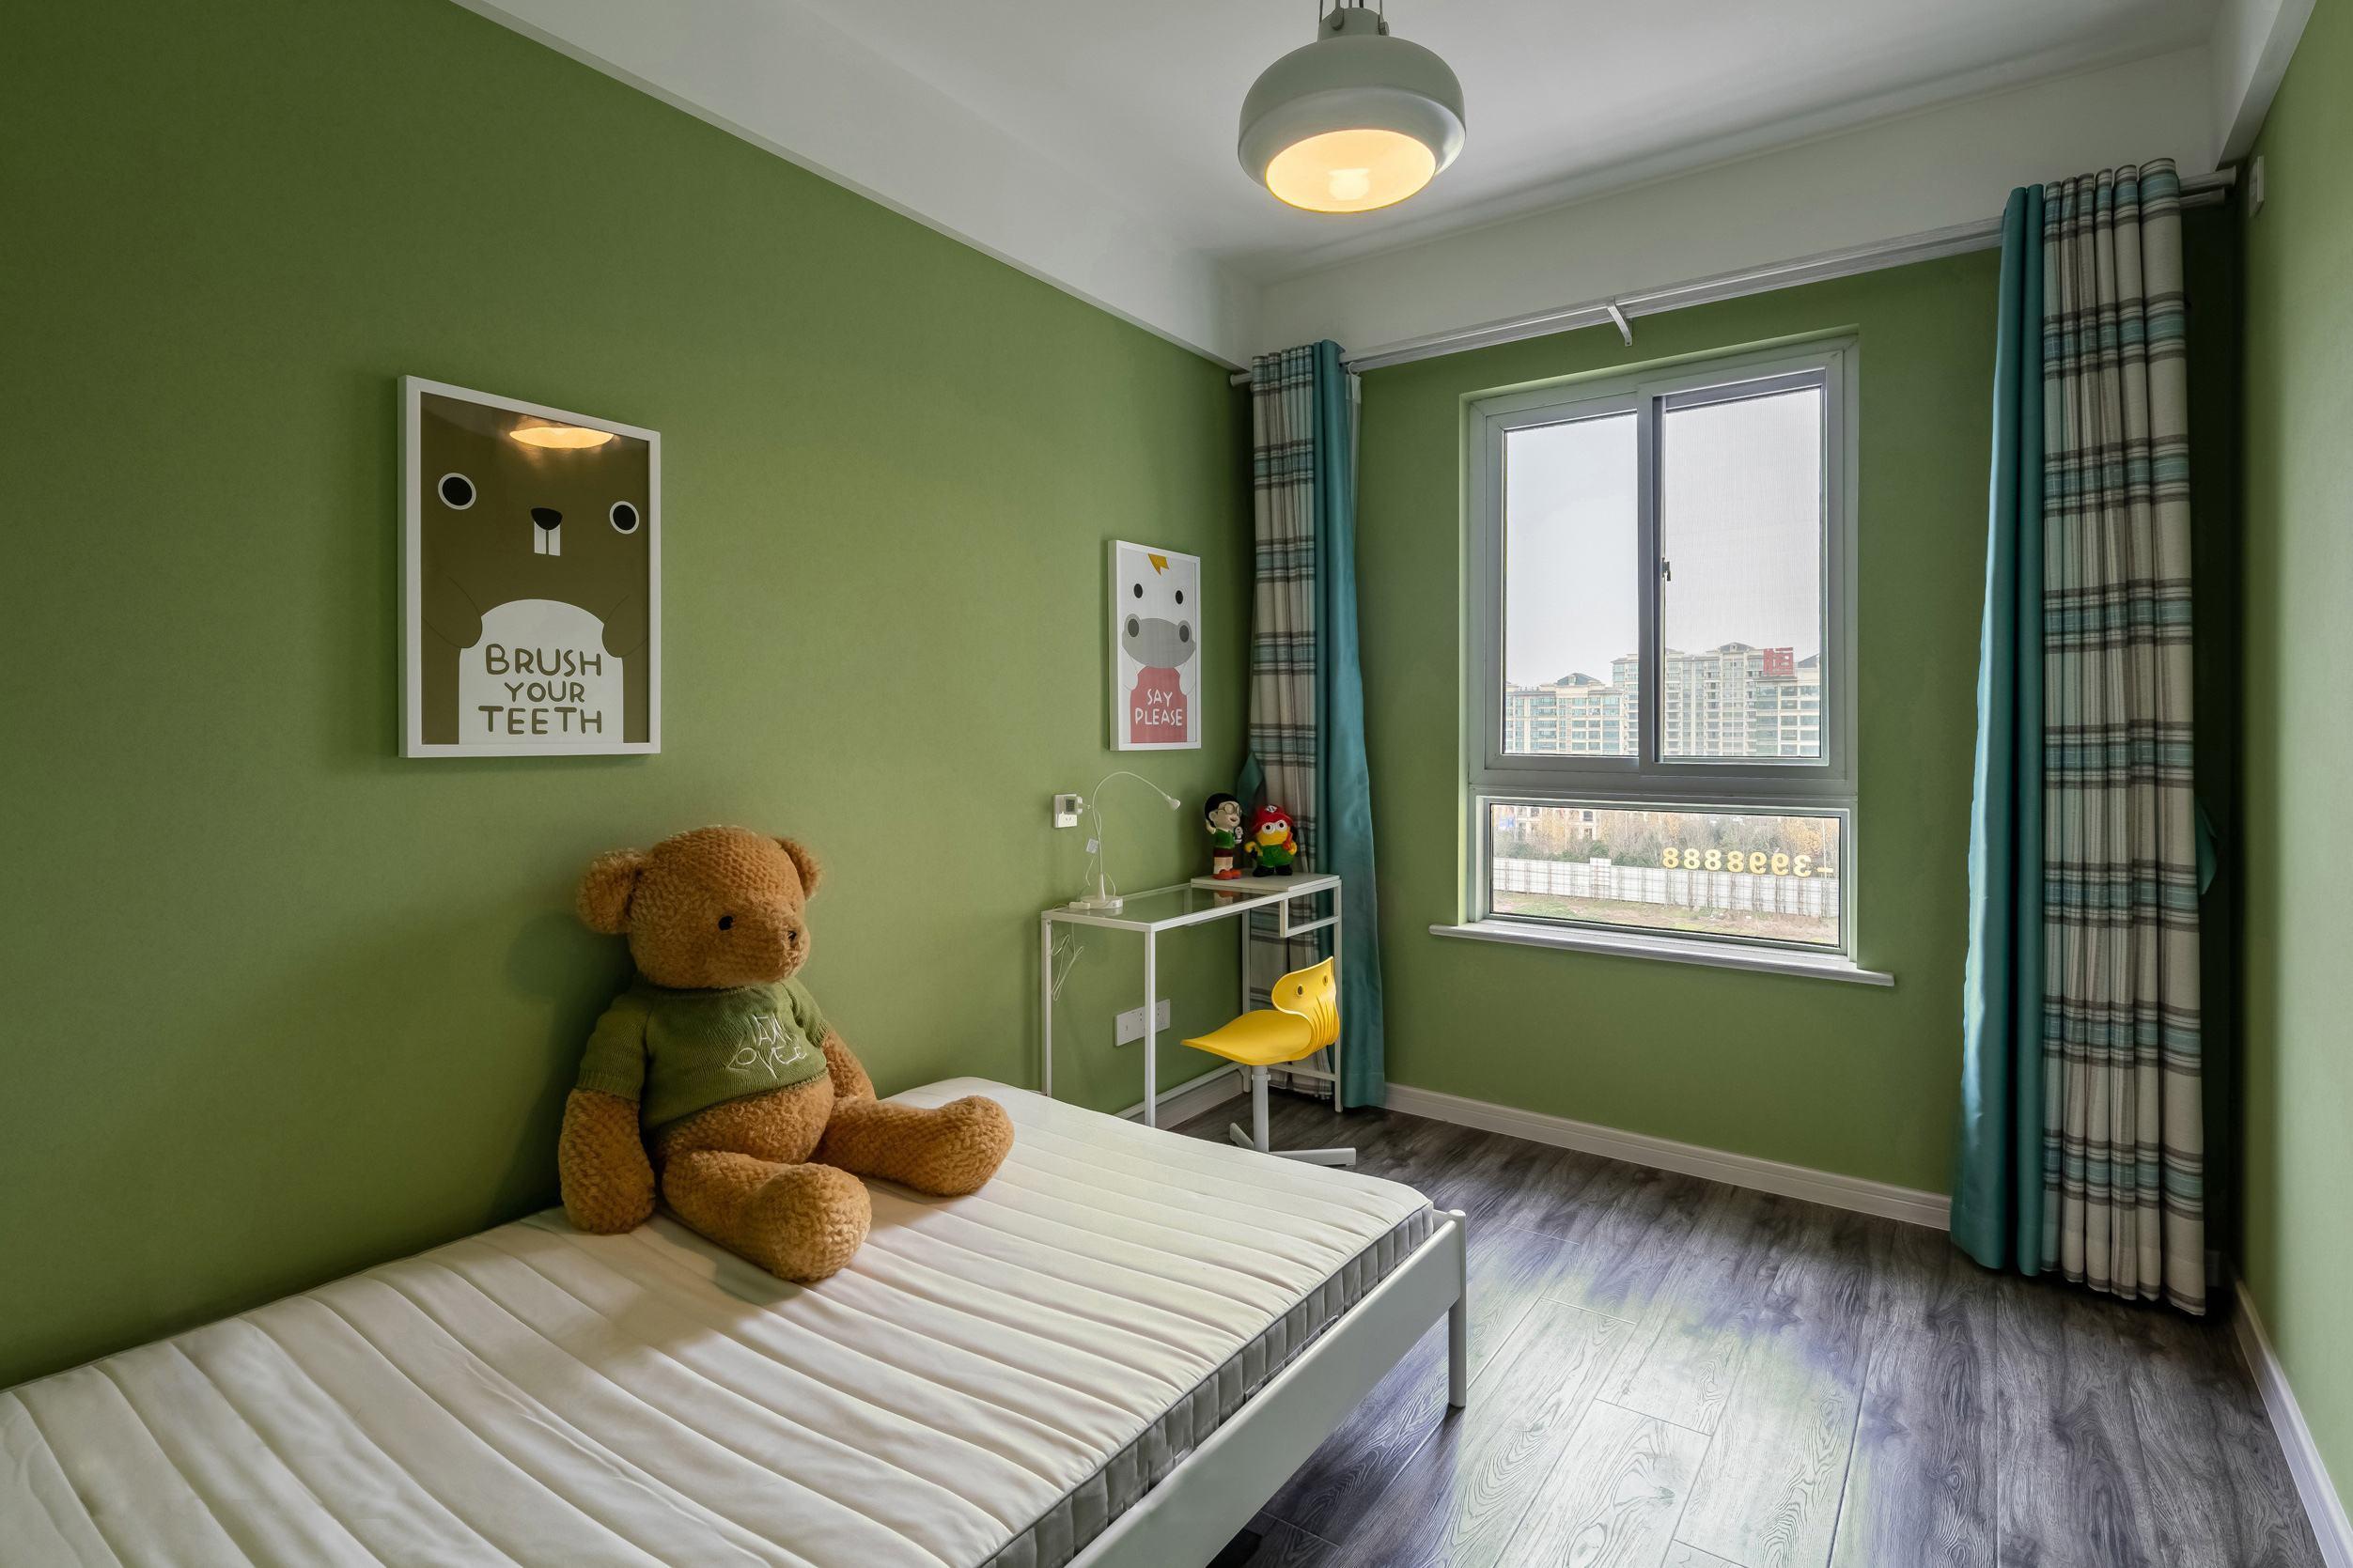 8平米淡绿色房间简约欧式风格装修效果图